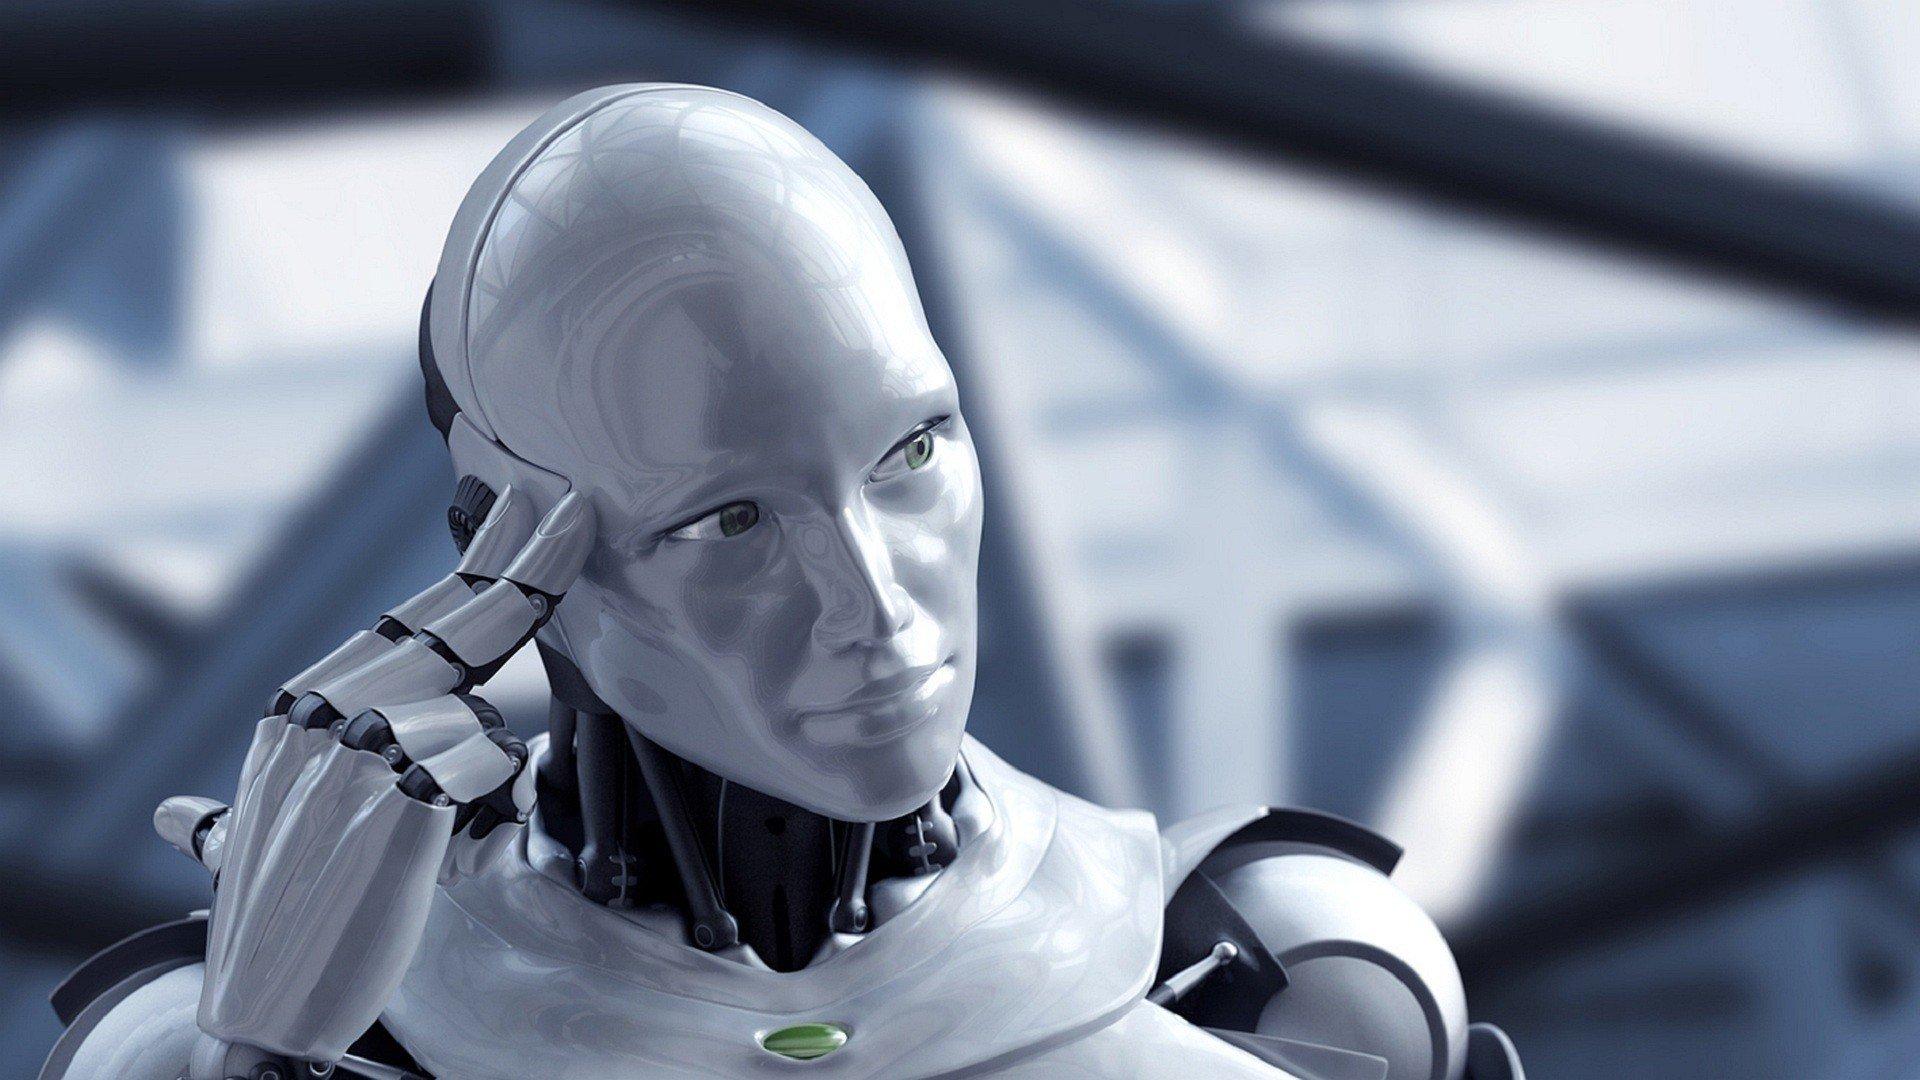 Видами смоленска, робот красивые картинки